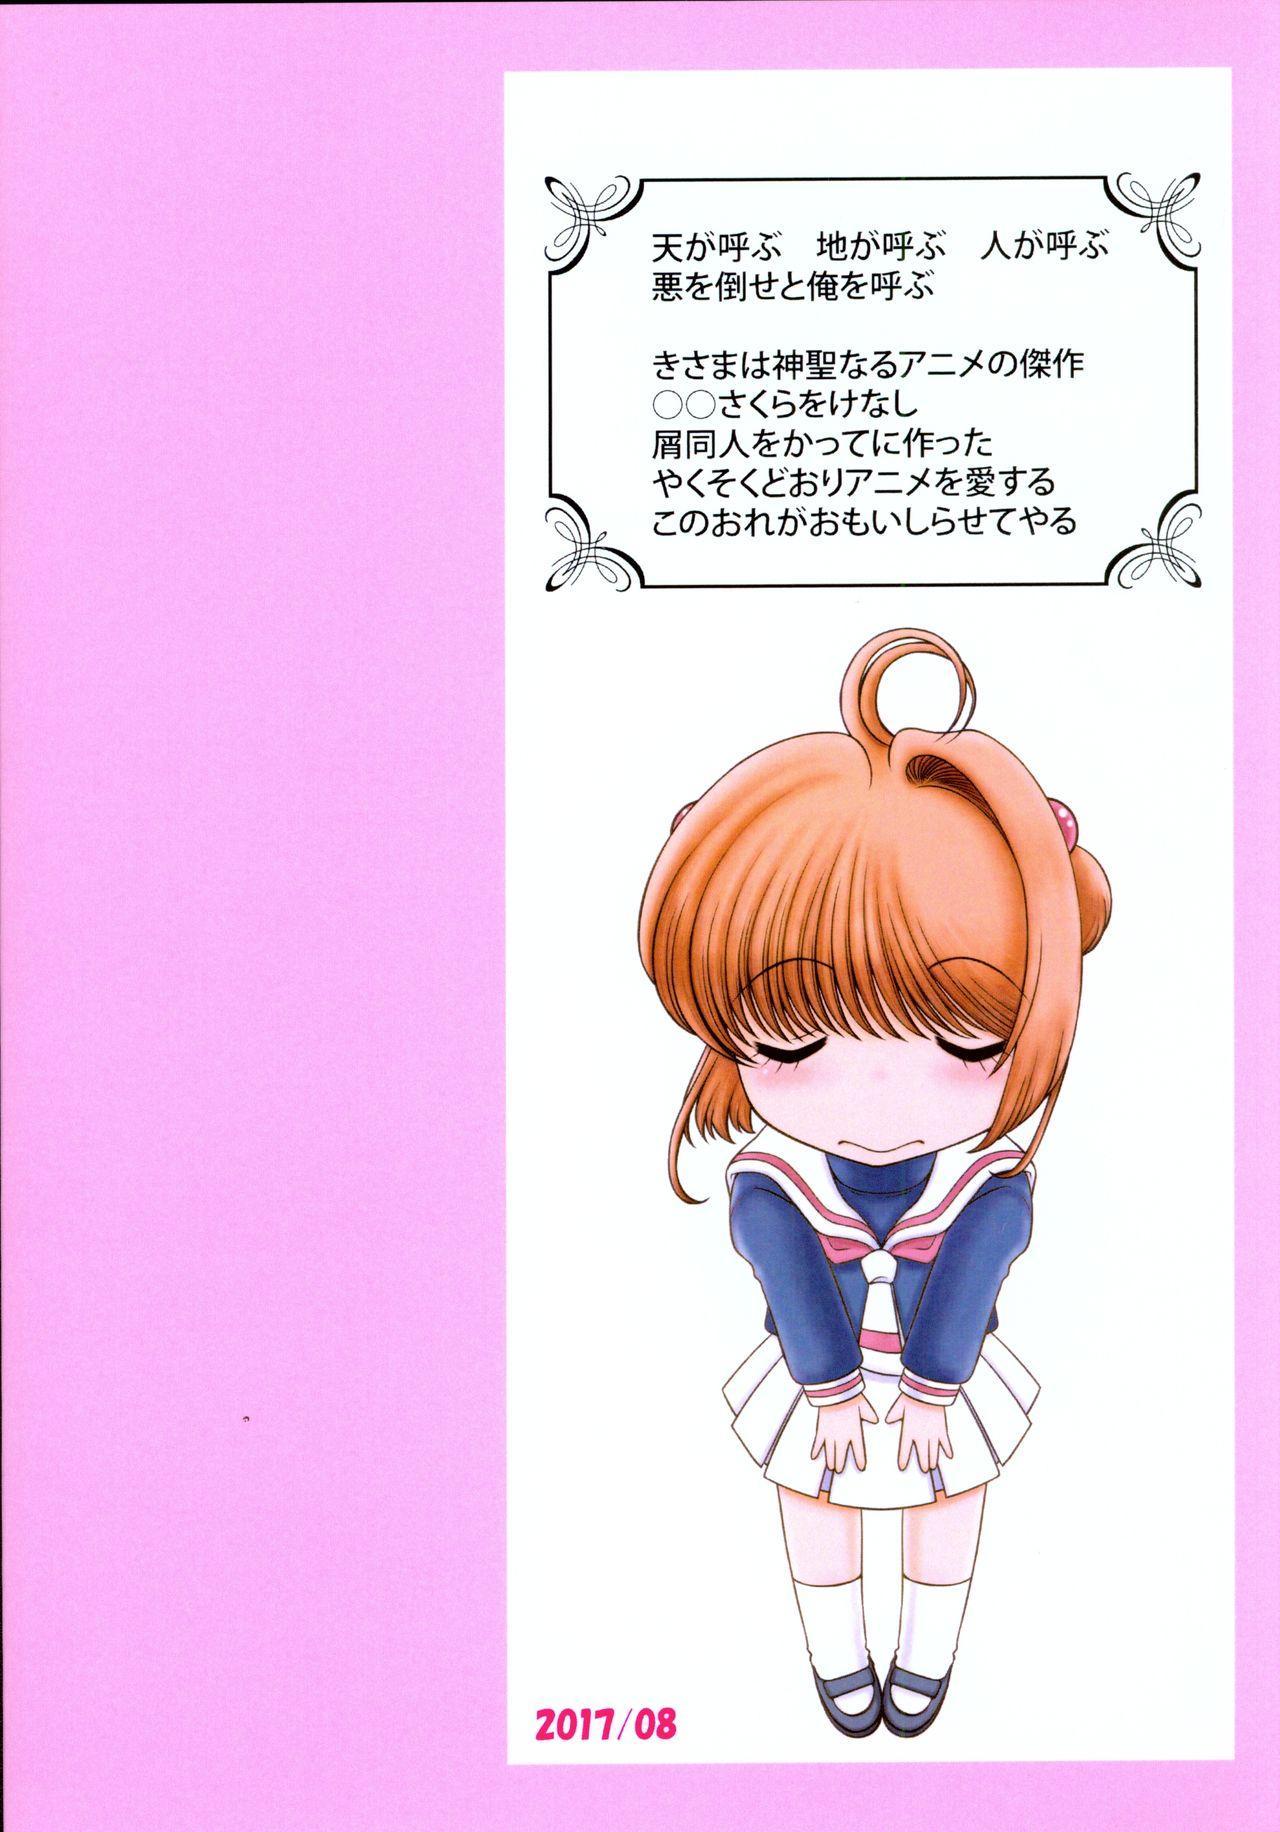 Sayama to Tsuruta wa Fiction o Daite Nemure 25